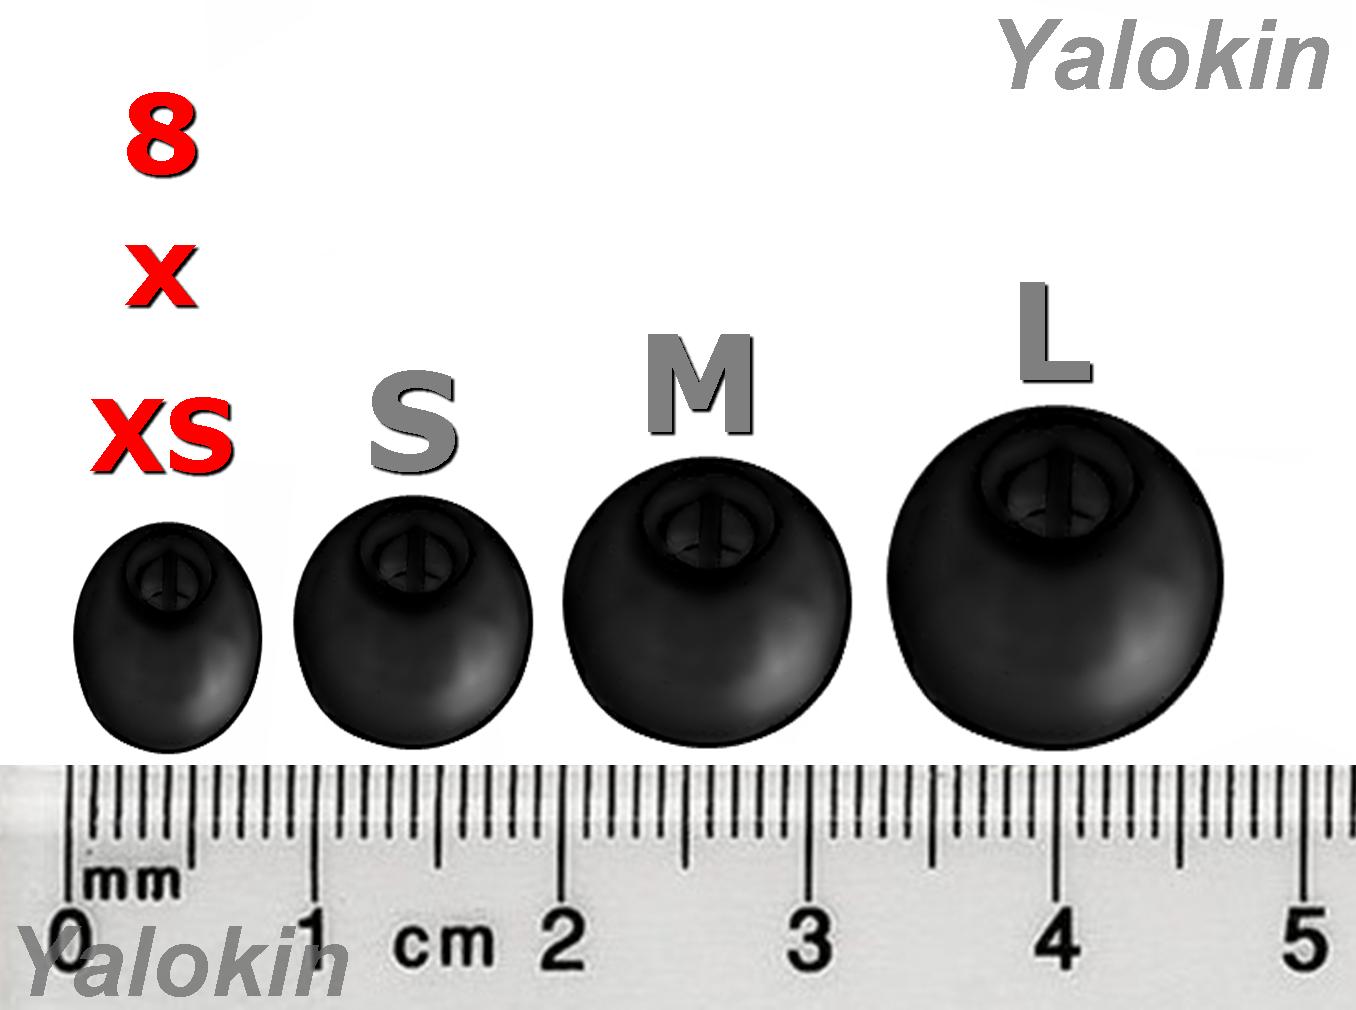 8pcs Replacement Eartips Earbuds Sennheiser CX 3.00 CX 5.00 Earphones (B-NSEN)